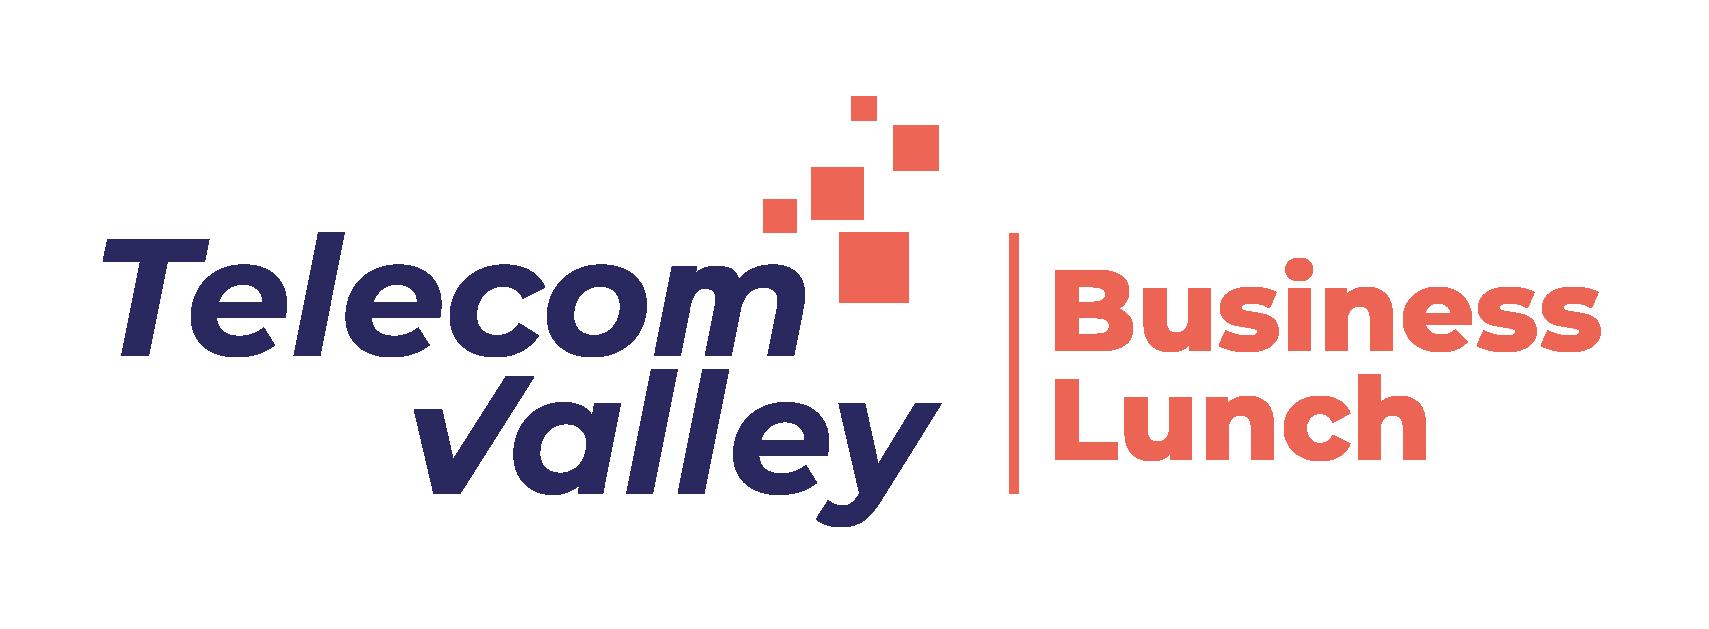 Logo Communauté Business Lunch_Classique.png